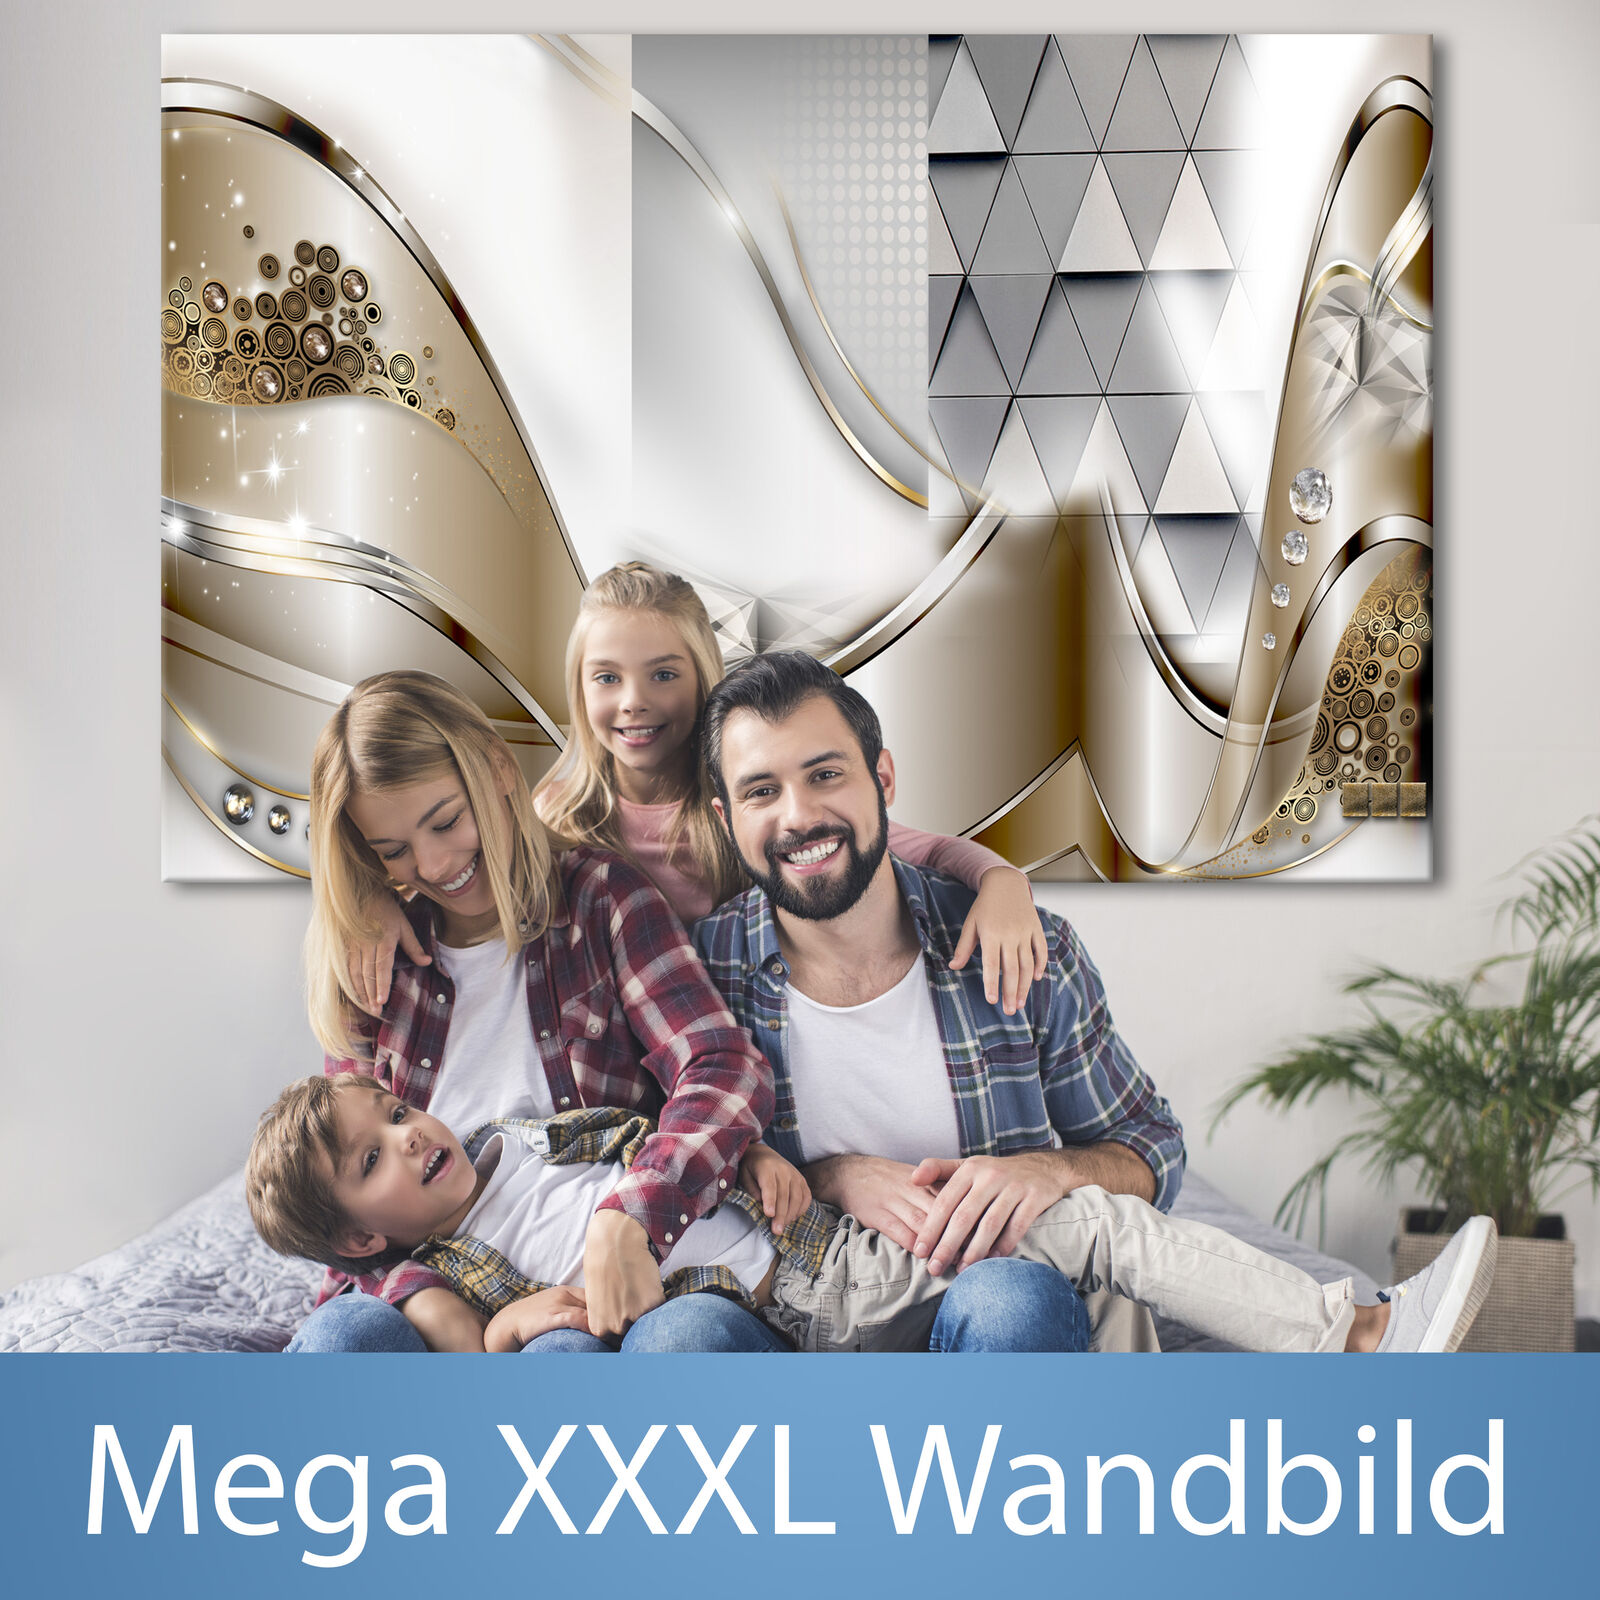 ABSTRAKT XXXL Wandbild Riesenformat Leinwandbild DIY Canvas Bild a-A-0004-ak-a